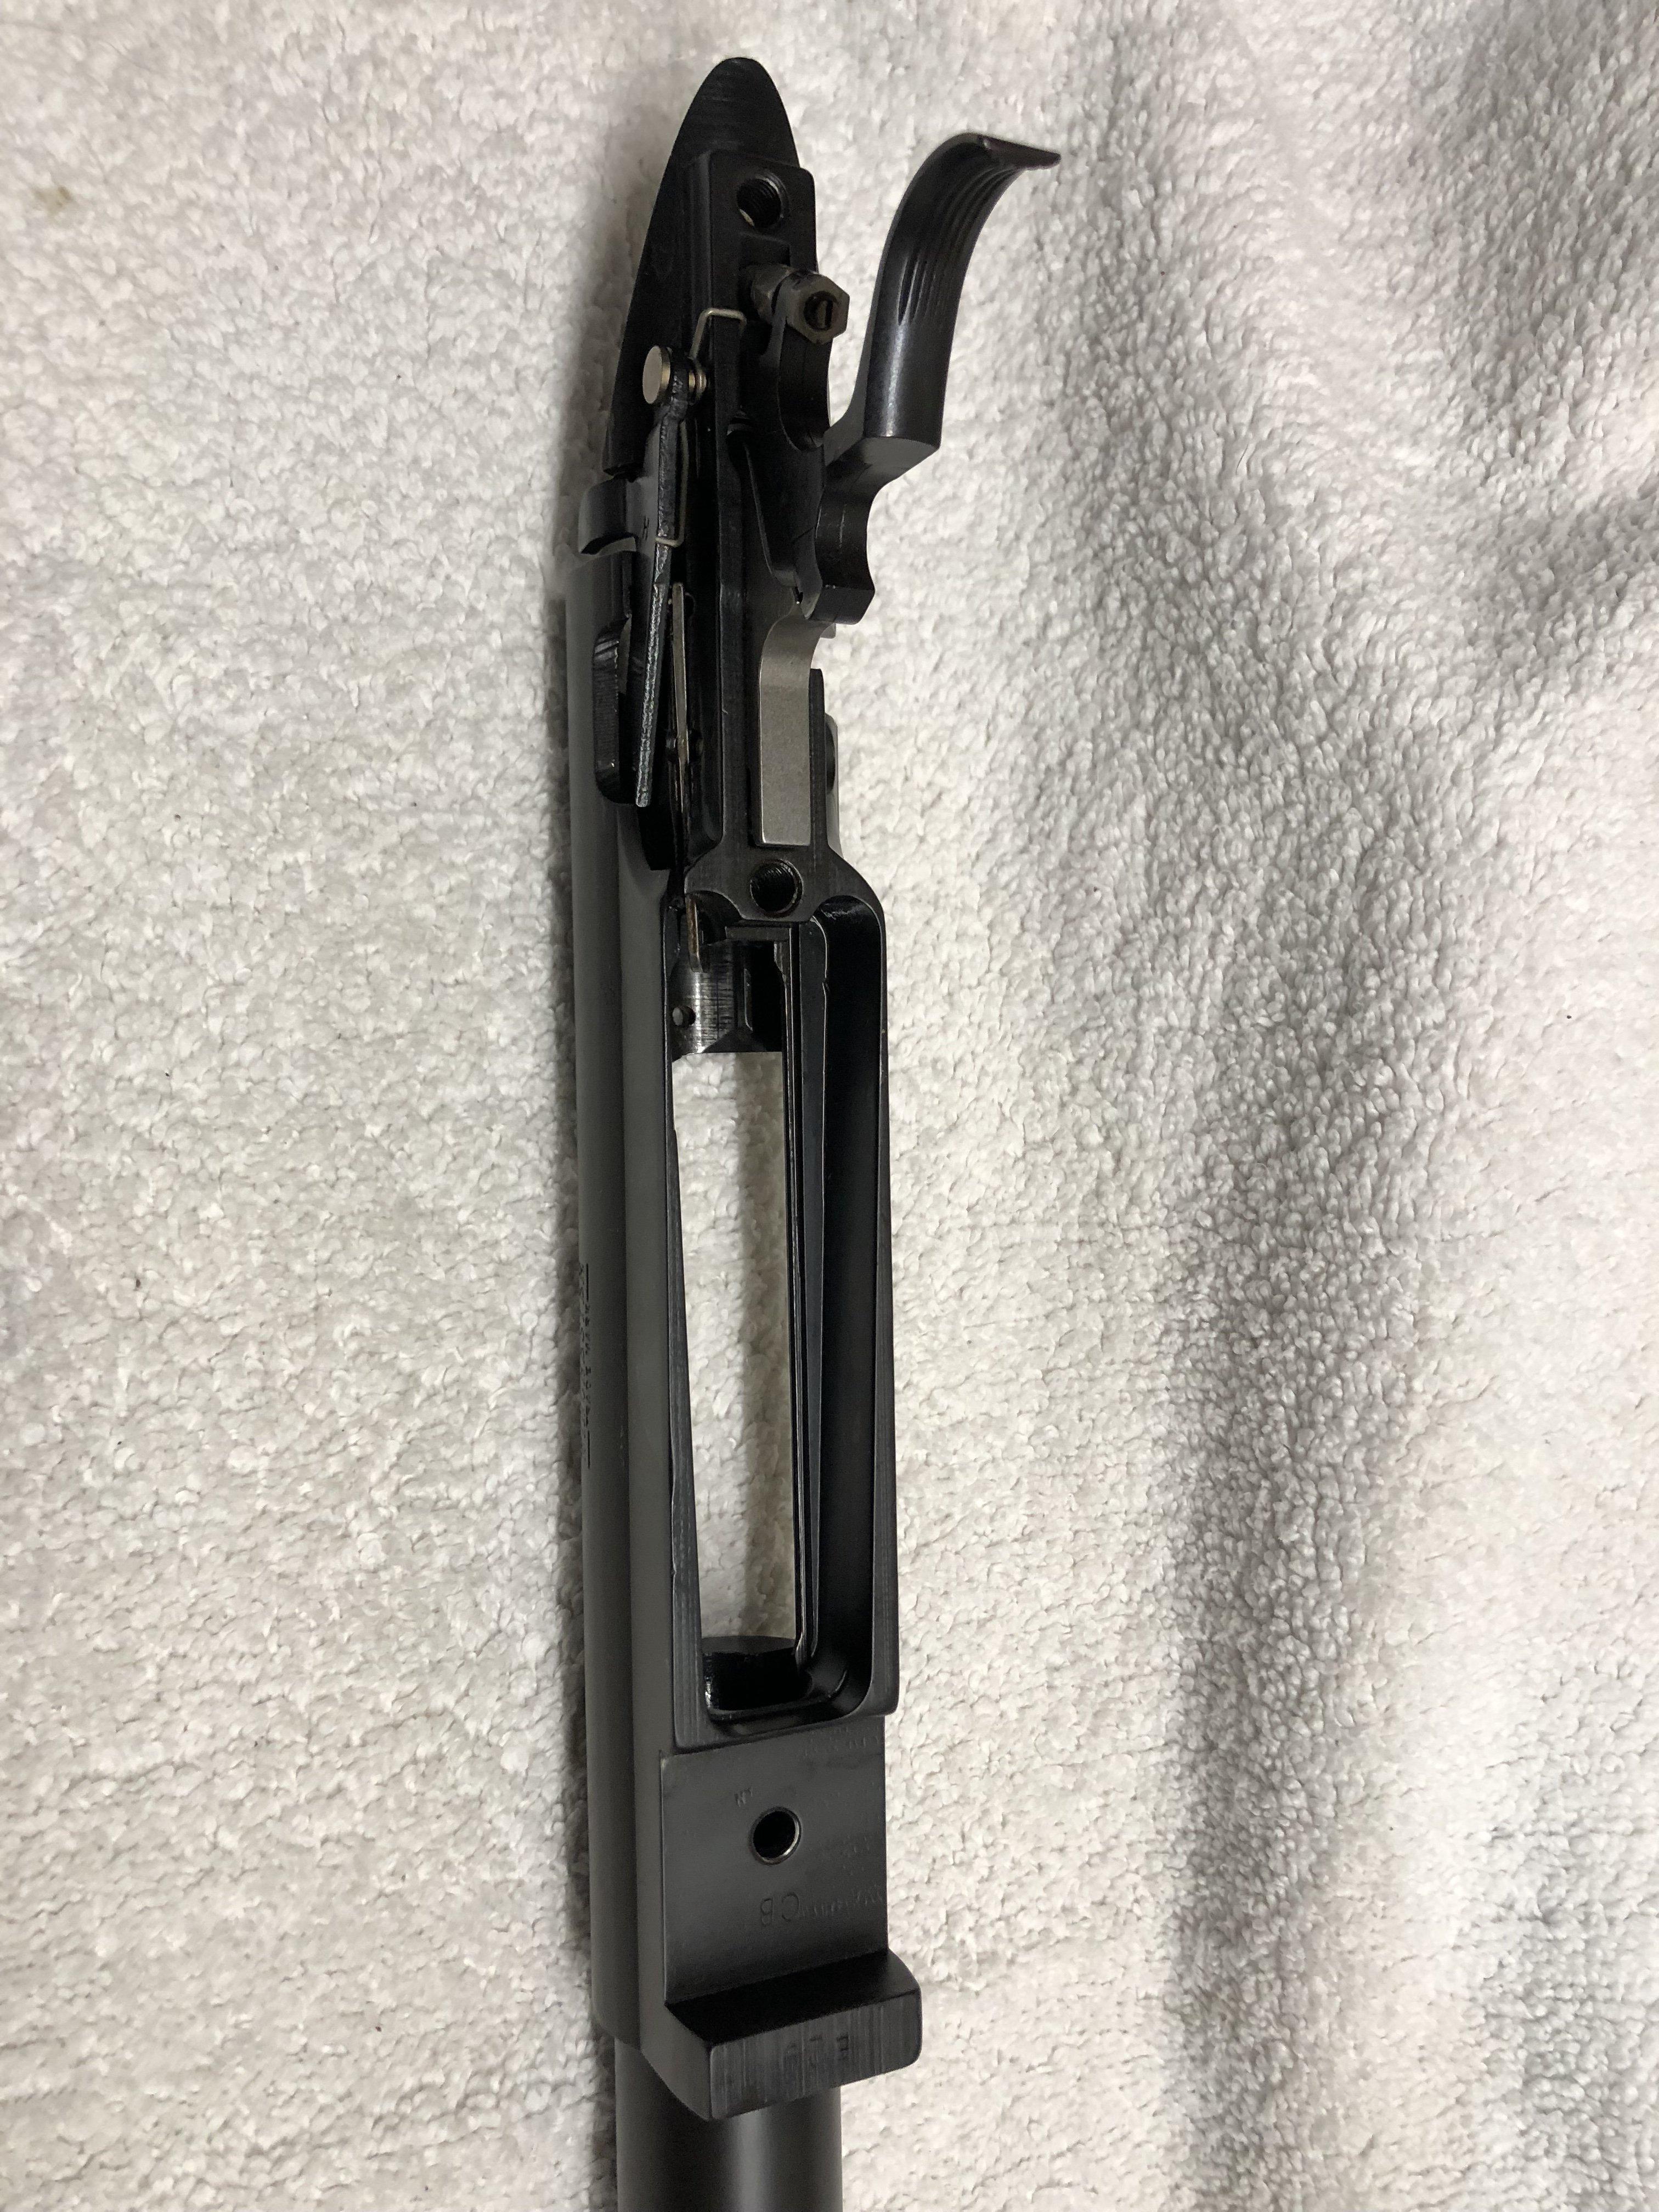 D1FB1E14-C74D-48FA-BB94-1FE7E602F8A2.jpeg